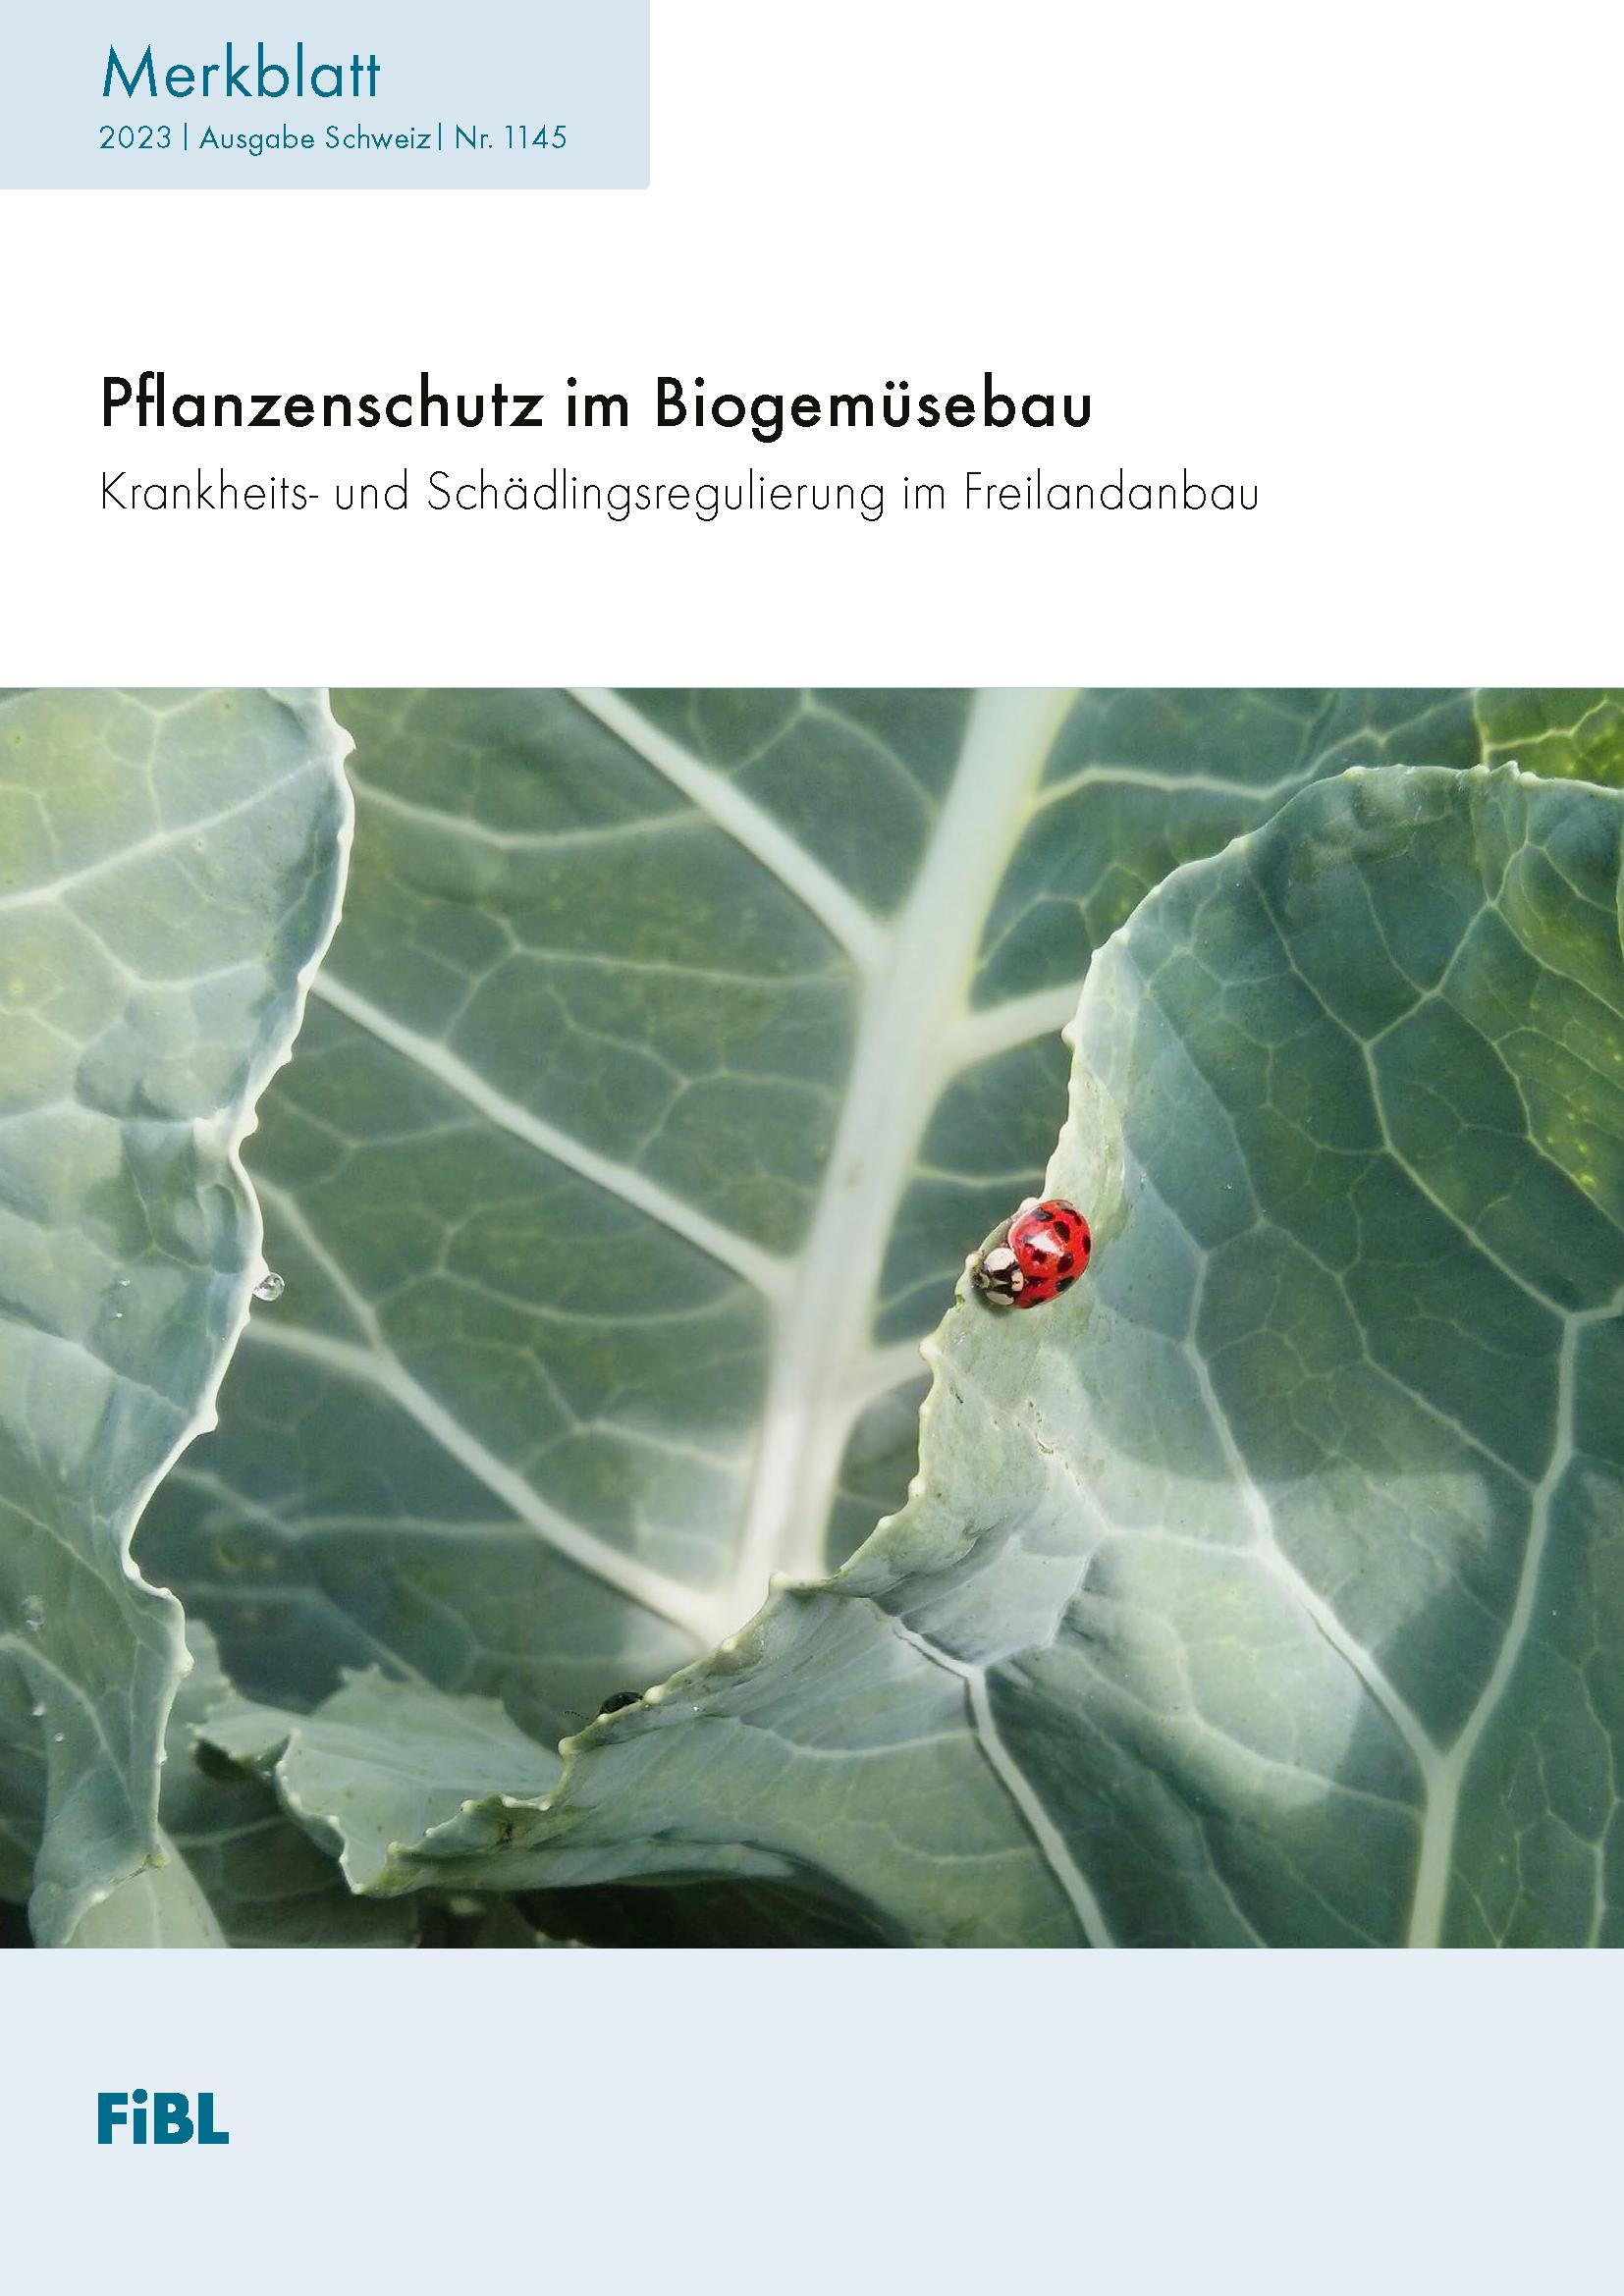 Krankheits- und Schädlingsregulierung im Biogemüsebau